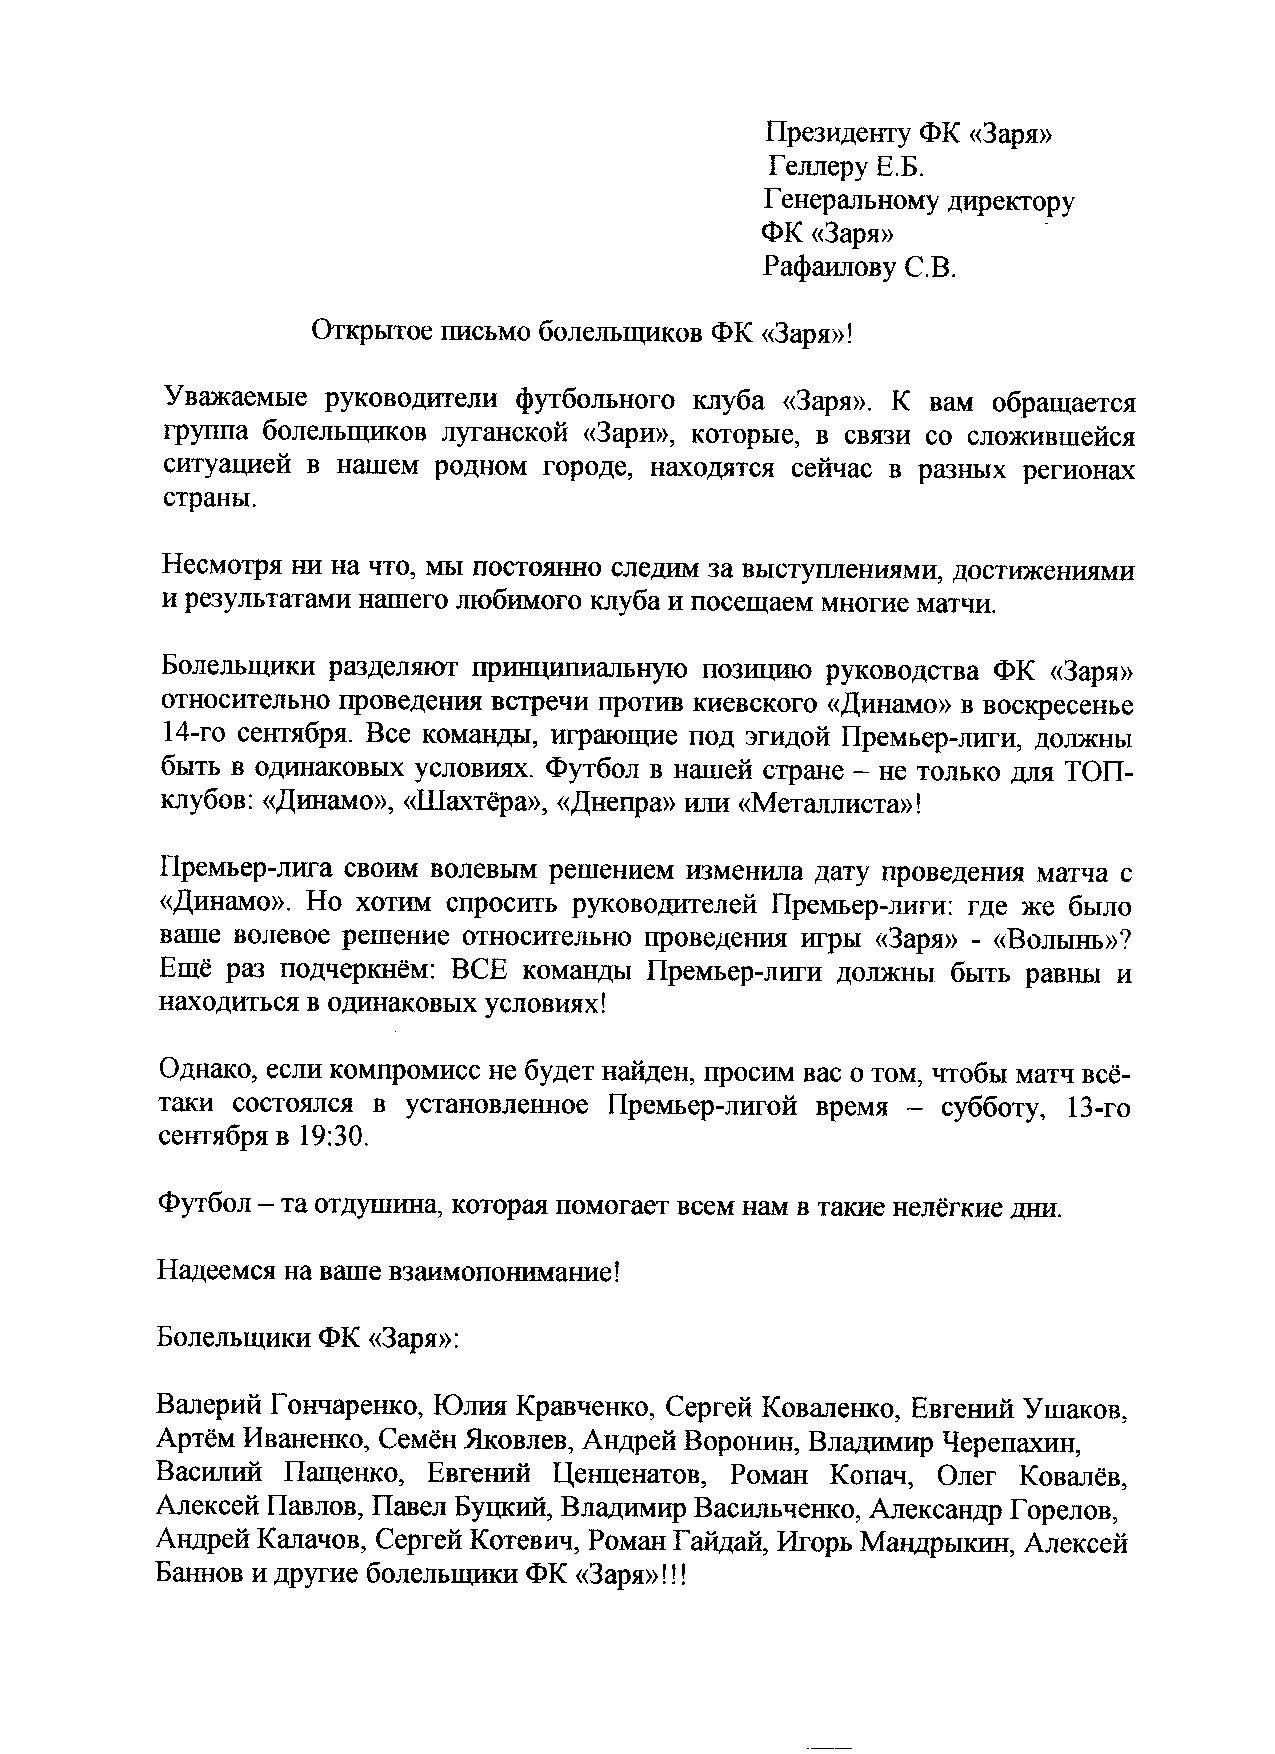 Болельщики Зари попросили клуб не бойкотировать матч с Динамо - изображение 1